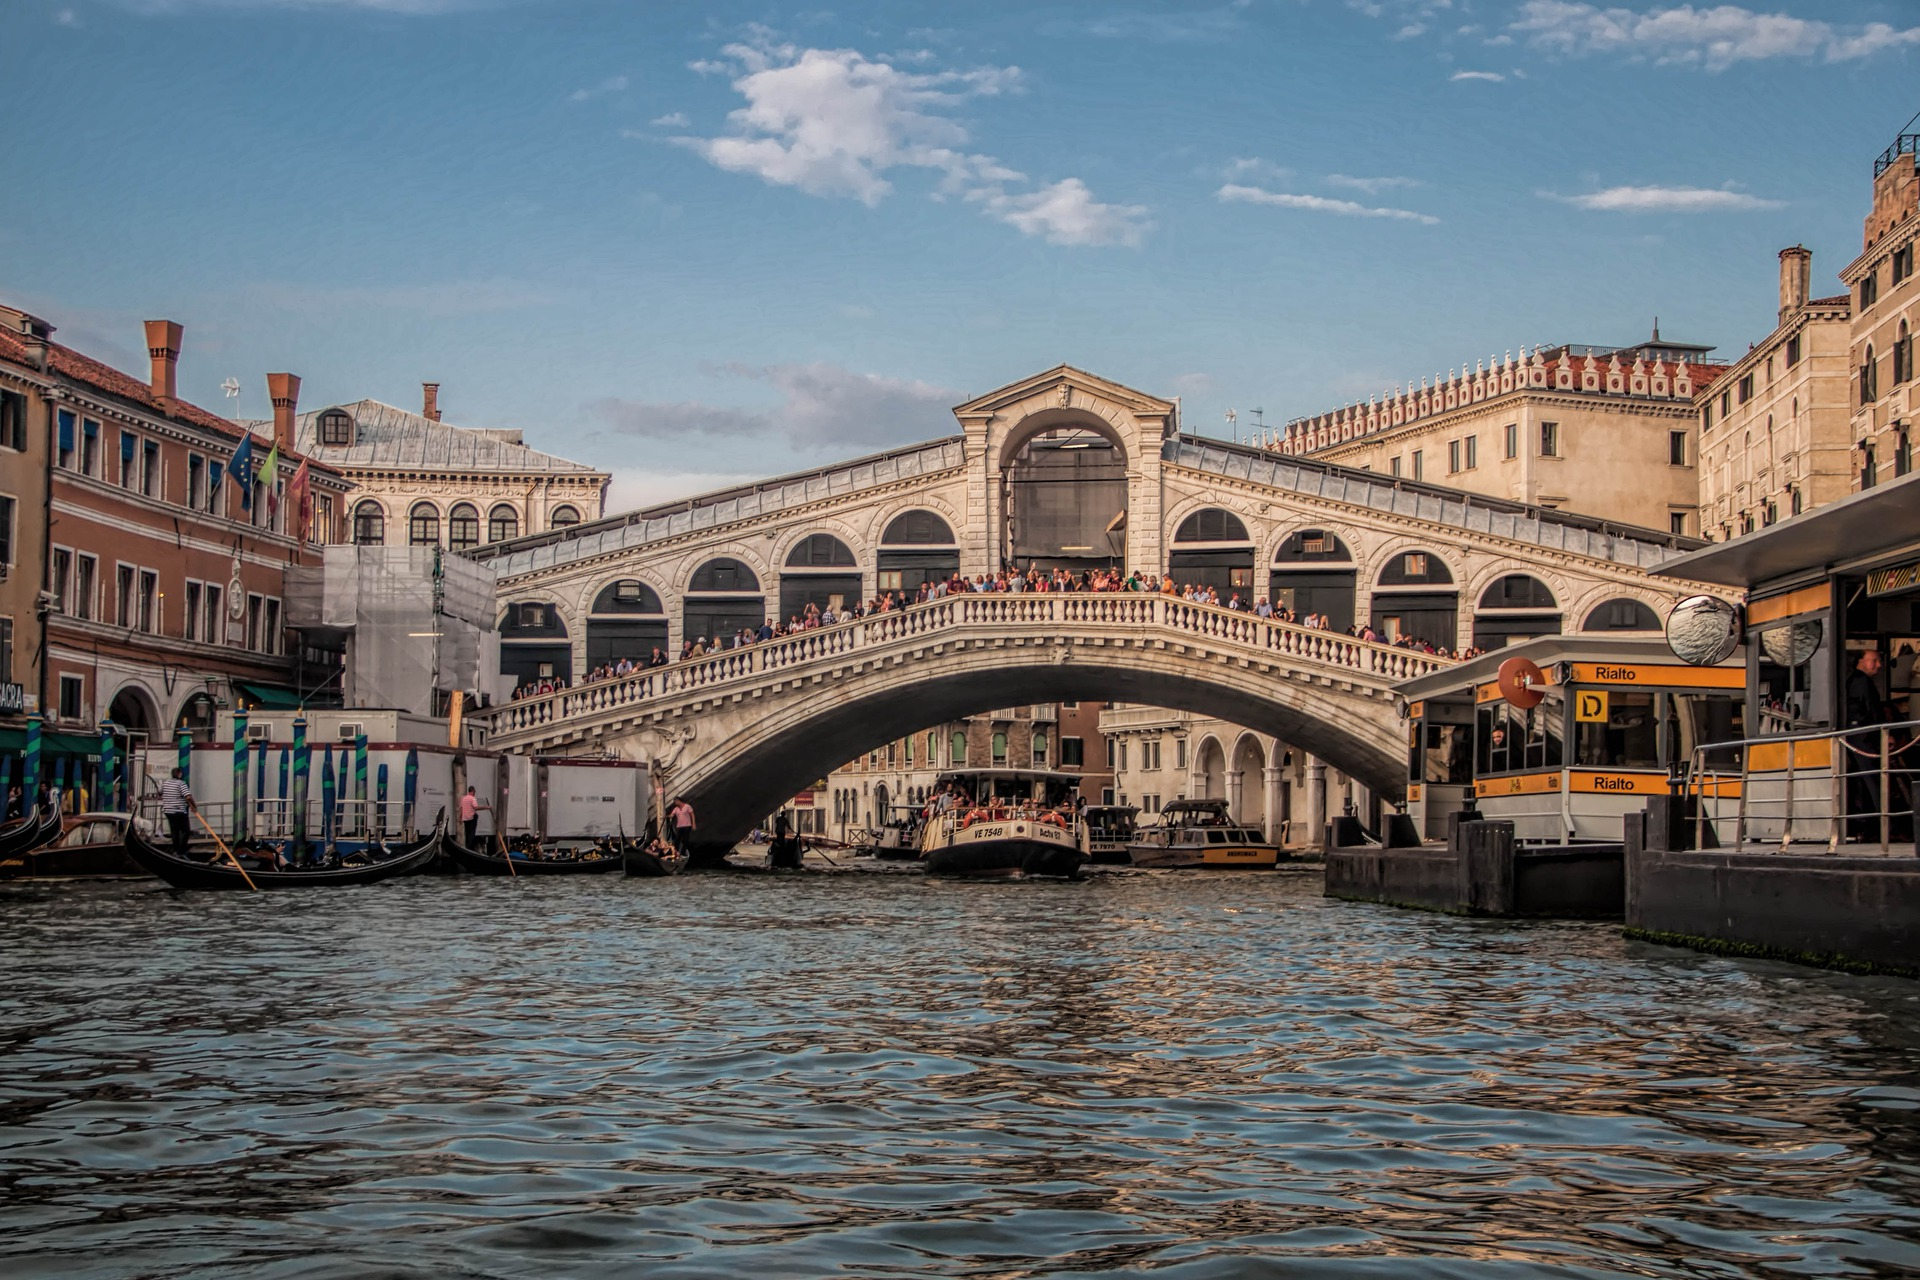 Carnaval de Venecia, Italia carnaval de venecia - 26495360358 1eaa7ca642 o - Carnaval de Venecia : la historia y elegancia toman la calle